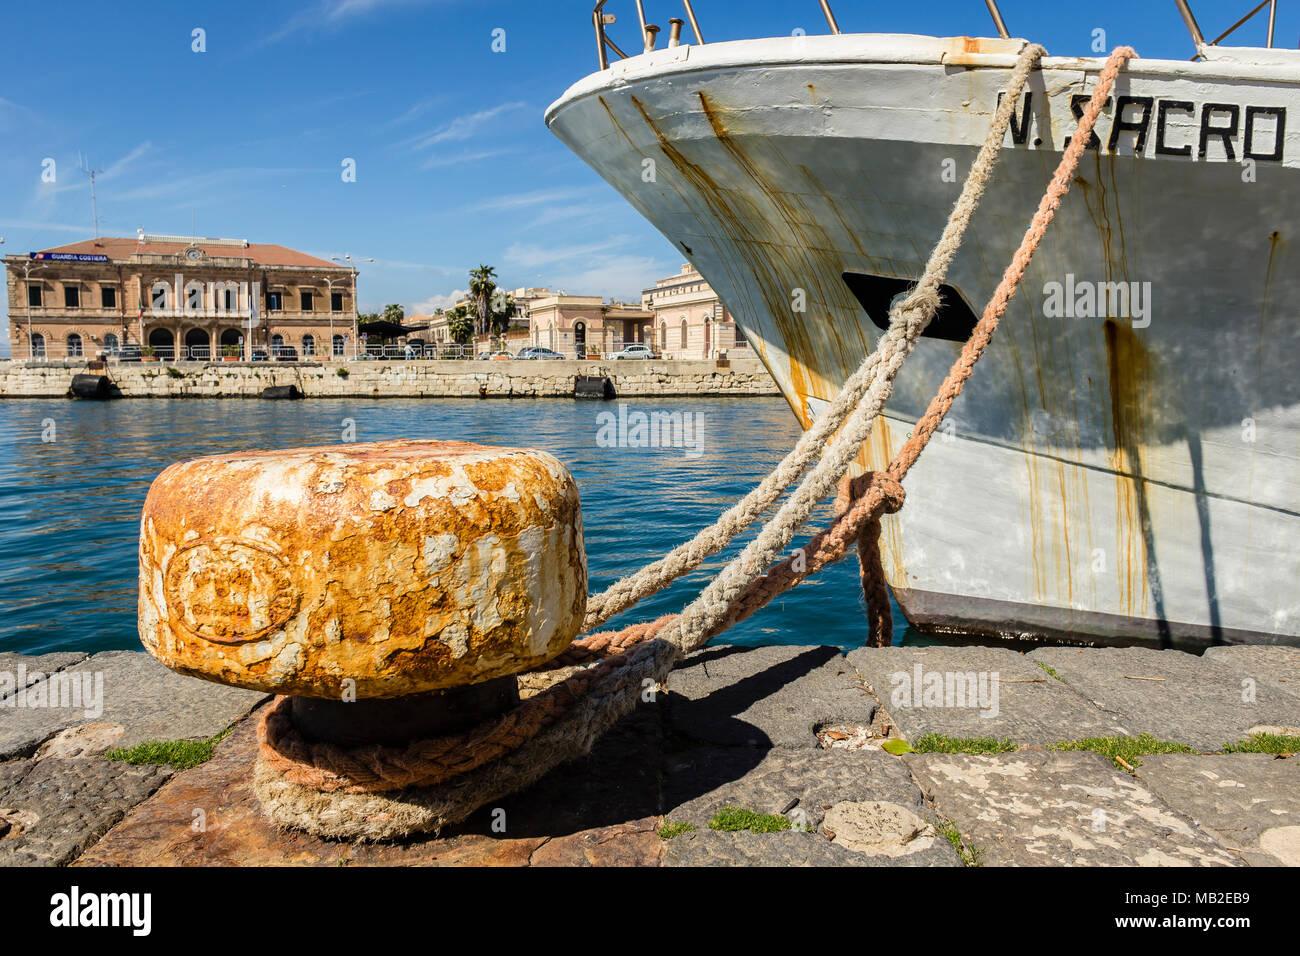 Kai der Hafen von Syrakus in Ortigia, Sizilien, Italien. Stockbild